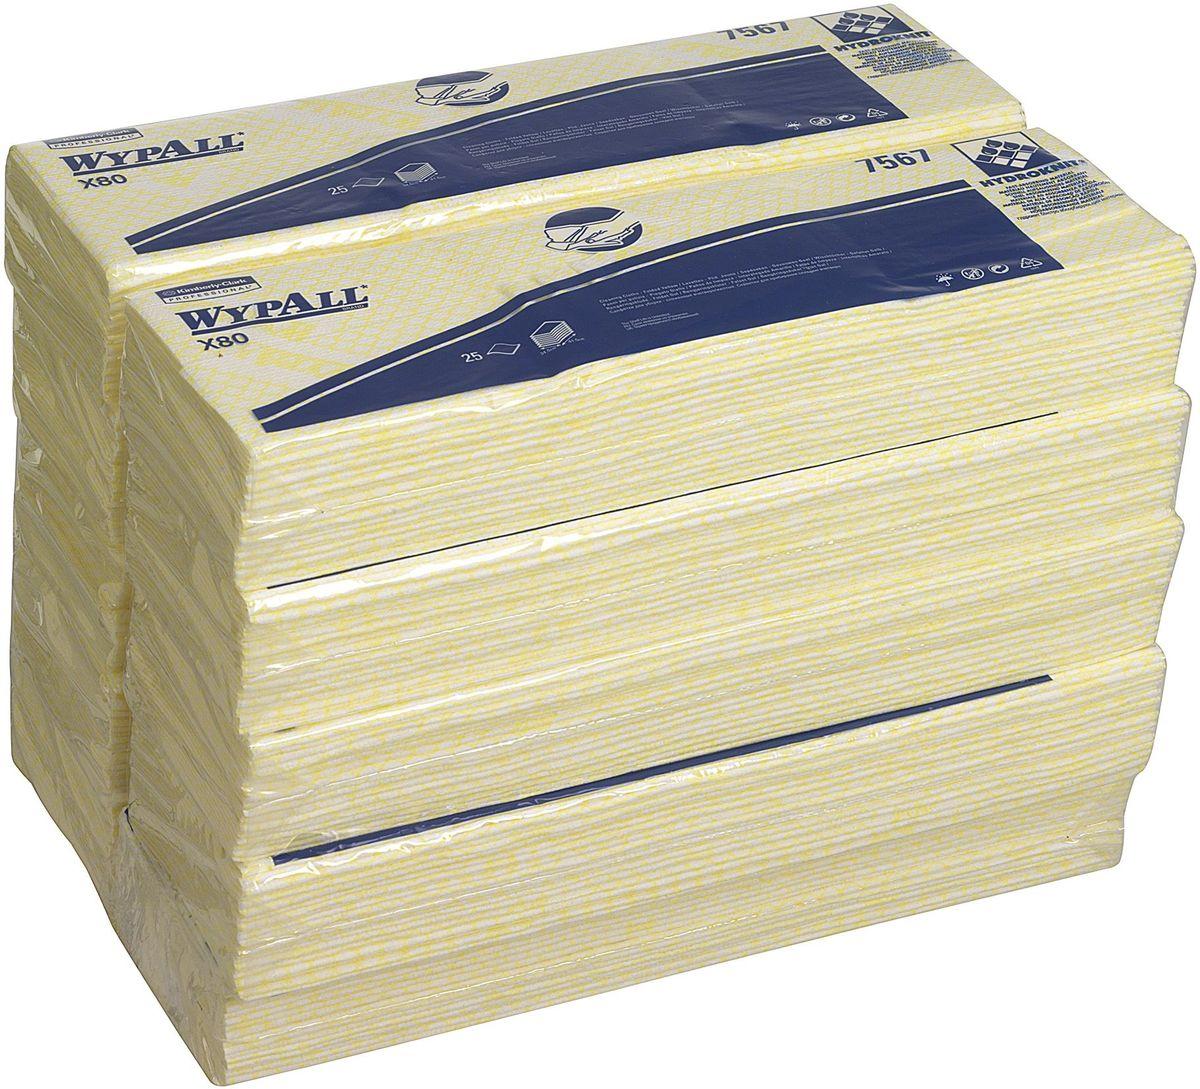 Салфетка протирочная Wypall Х80, 4 сложения, 25 листов, 10 упаковок. 75677567Протирочные салфетки для многоразового использования, изготовленные по технологии HYDROKNIT®, обладают отличной впитывающей способностью, долговечностью и прочностью (как в сухом, так и во влажном состоянии), могут использоваться с большинством растворителей, обеспечивают быструю очистку и помогают сократить расходы. Идеальное решение для выполнения сложных задач на производственных участках со строгим разделением операций, при грубой очистке в клинических помещениях и палатах пациентов, на кухнях и участках приготовления пищи; помогает предотвратить перекрестное загрязнение за счет цветовой кодировки. Салфетки можно стирать и использовать повторно, что уменьшает объем отходов и сокращает эксплуатационные затраты. Формат поставки: сложенные протирочные салфетки, упакованные в полиэтиленовый пакет для защиты от брызг и воды, обеспечивающий мгновенный доступ к гигиенически защищенным салфеткам на рабочем месте. 7 - синий 7566 - зеленый 7567 - желтый 7568 - красный